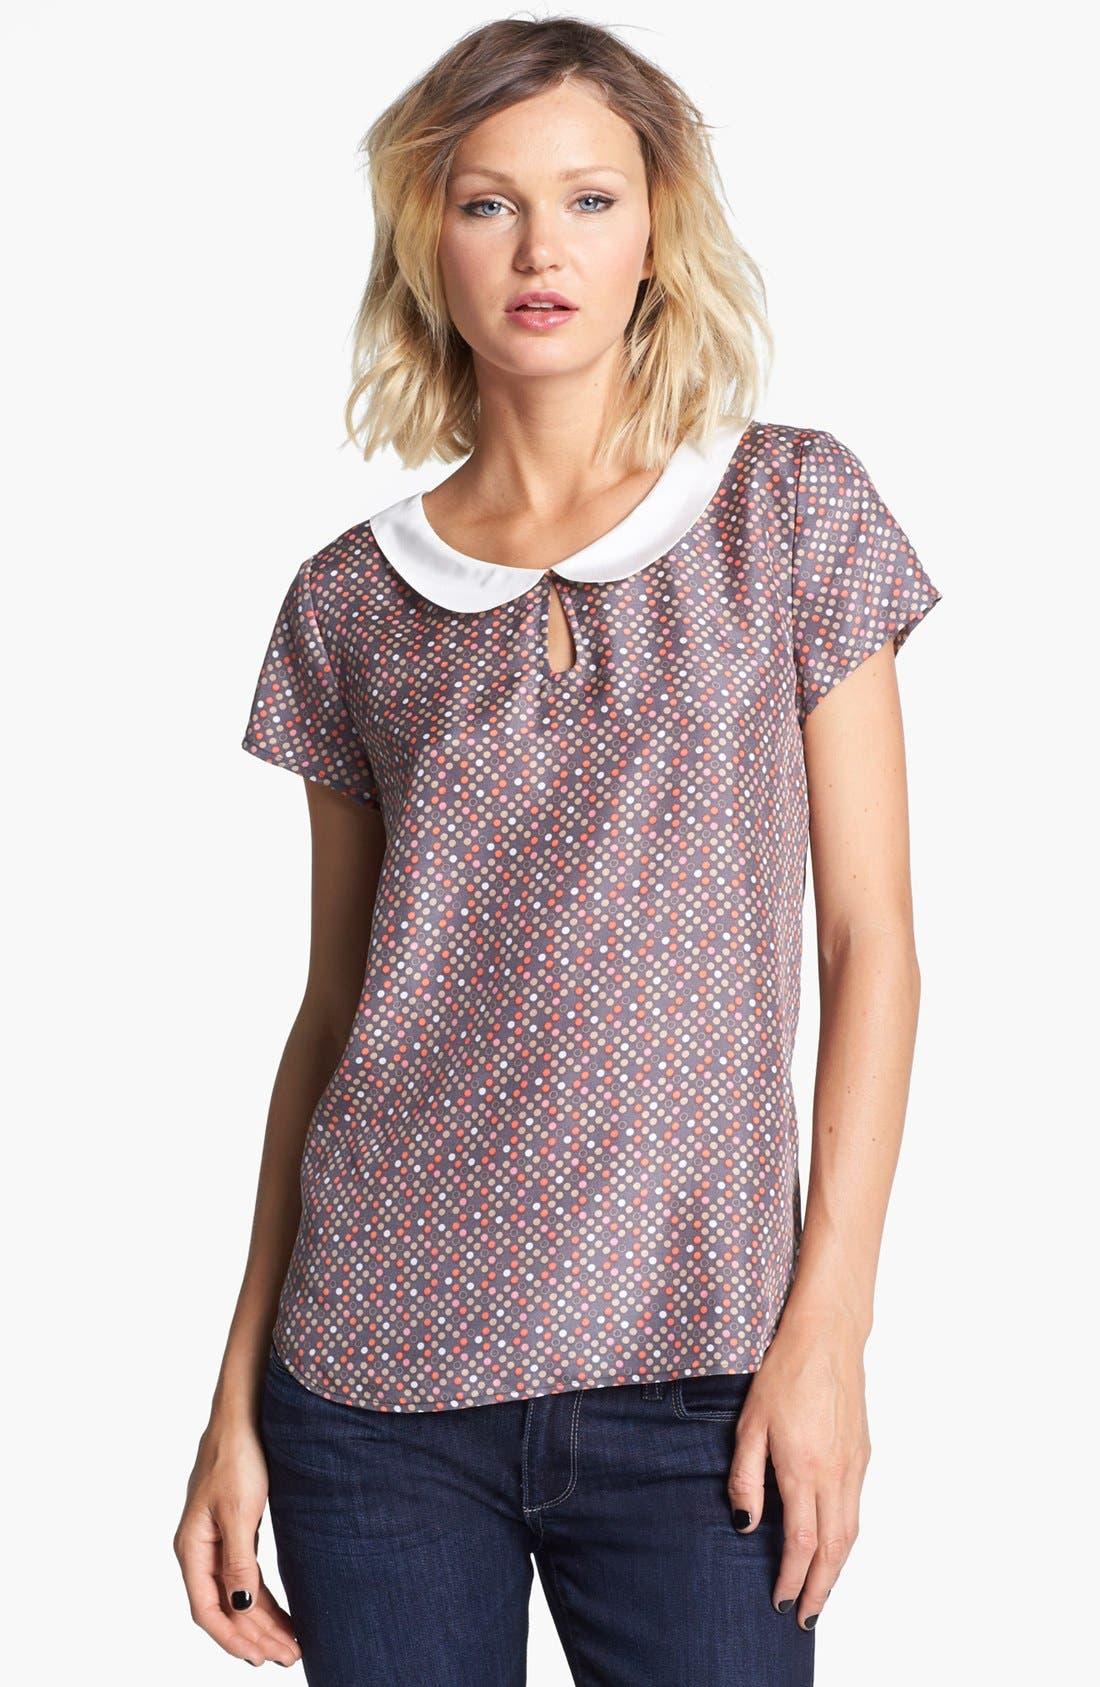 Alternate Image 1 Selected - Hinge® Dot Print Collar Top